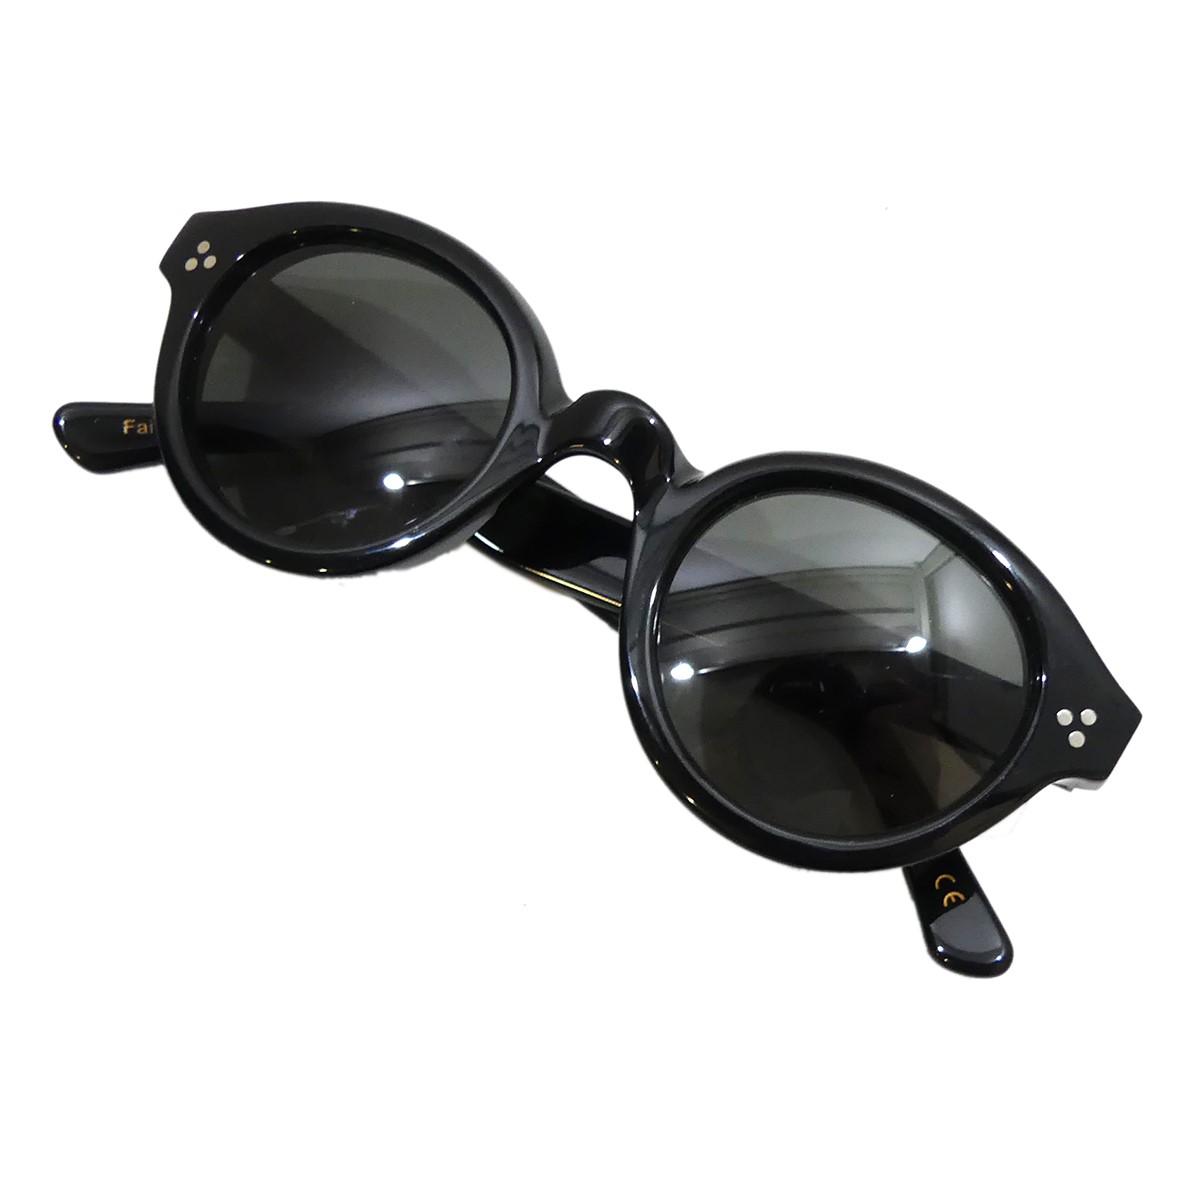 【中古】Lesca LUNETIER サングラス La Corb's ブラック 【040520】(レスカ ルネティエ)